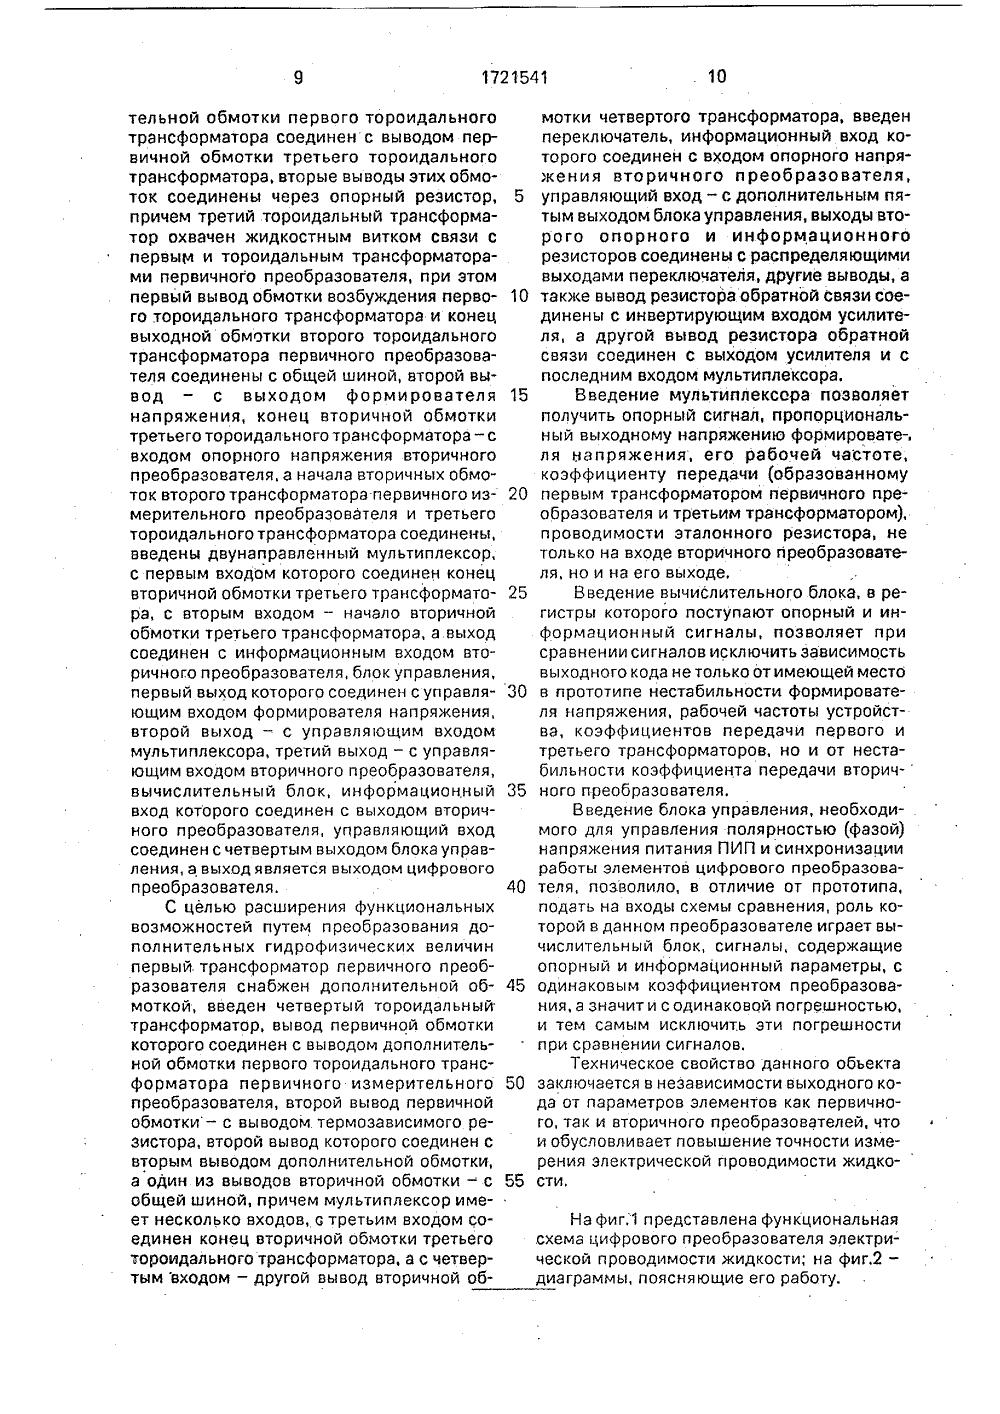 принципиальная схема кнэ-25